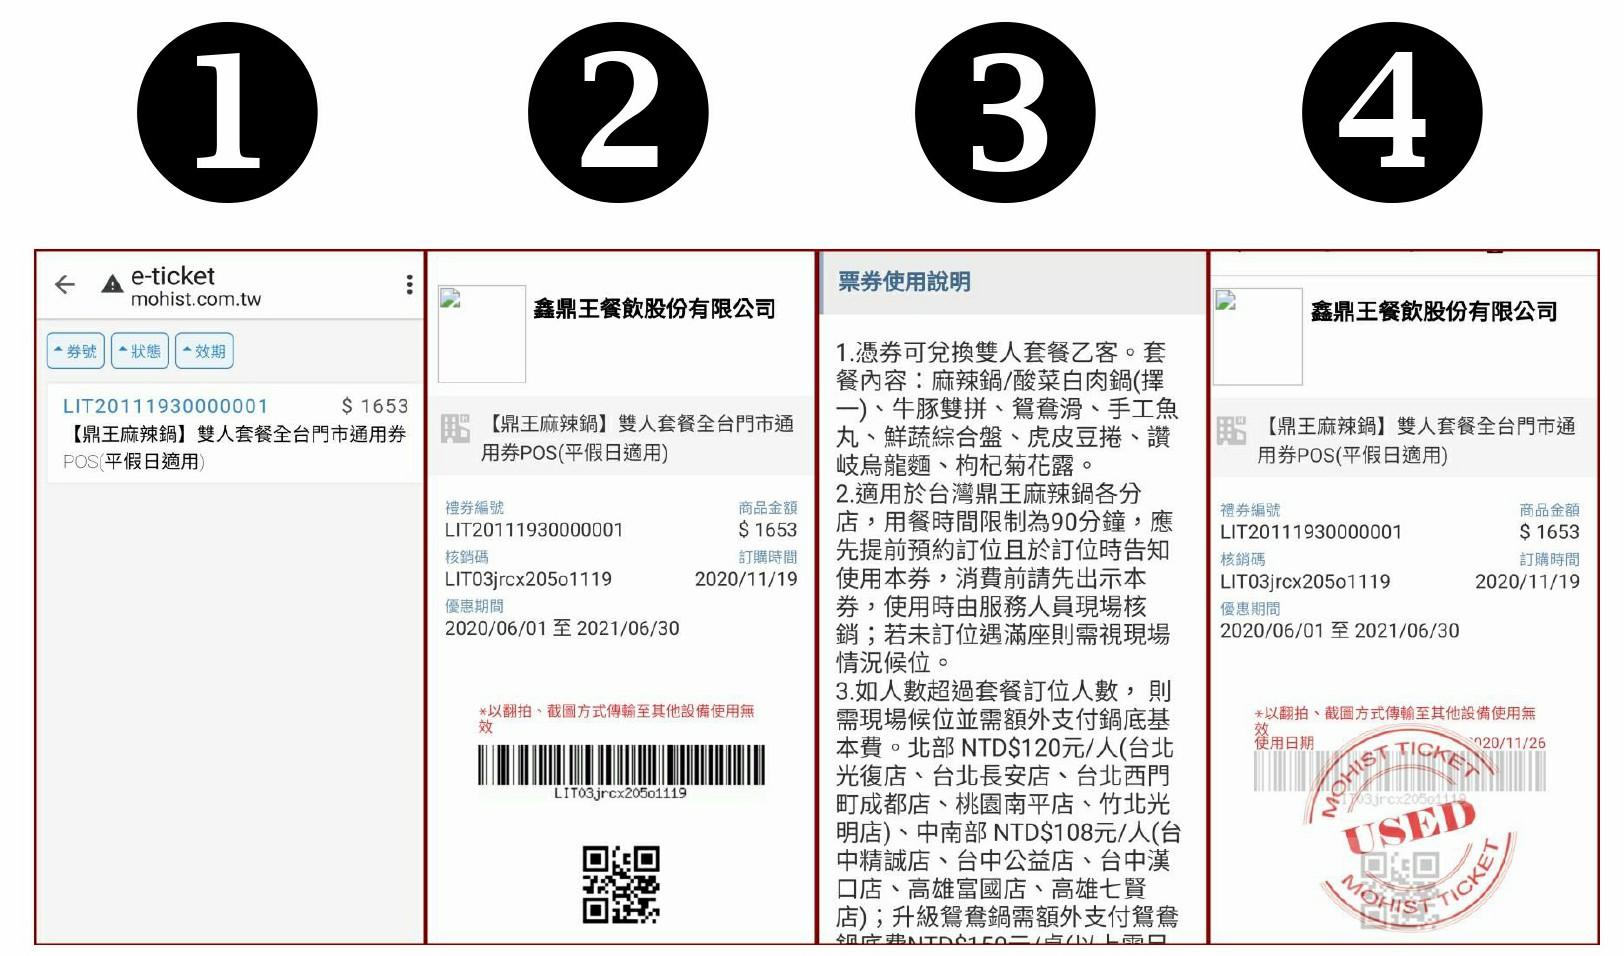 【鼎王麻辣鍋】鴨血、豆腐免費無限續加!吃完口不渴、衣不臭、肚不痛! - threeonelee.com